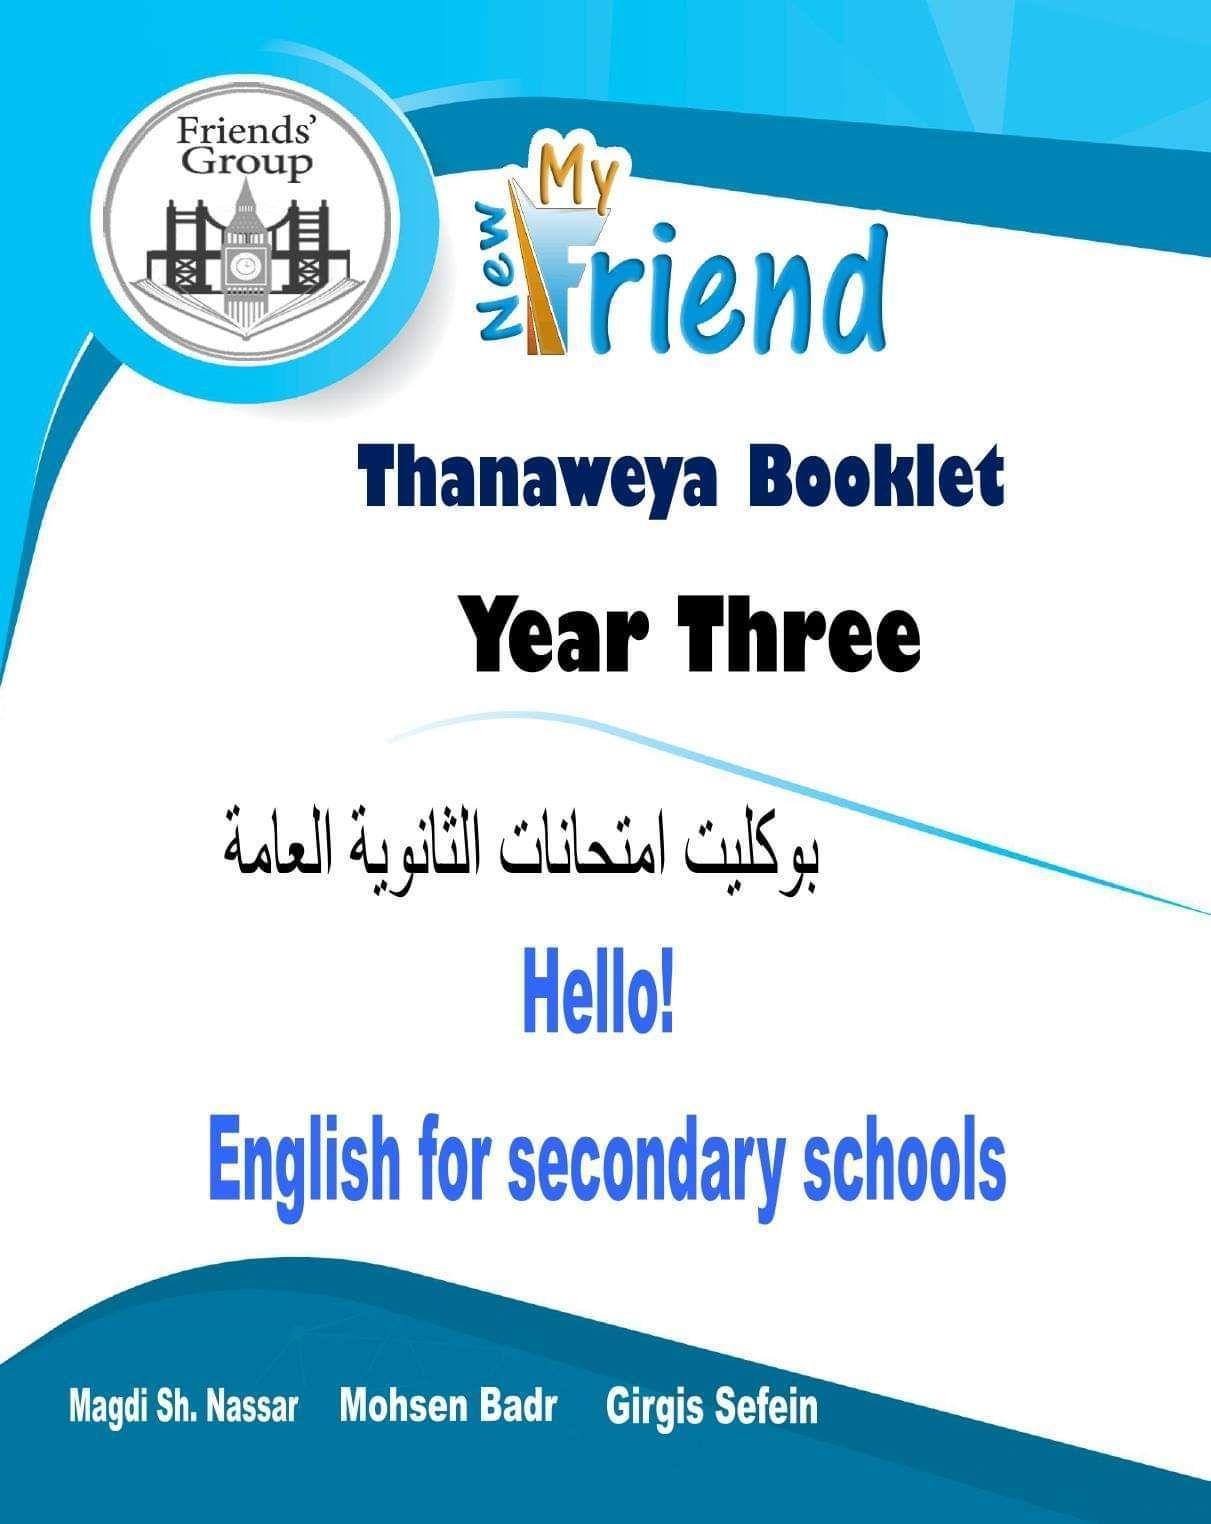 اجابات كتاب 110 امتحان بوكليت ماي فريند My New Friend انجليزي الصف الثالث الثانوي 2019 Secondary School Booklet School